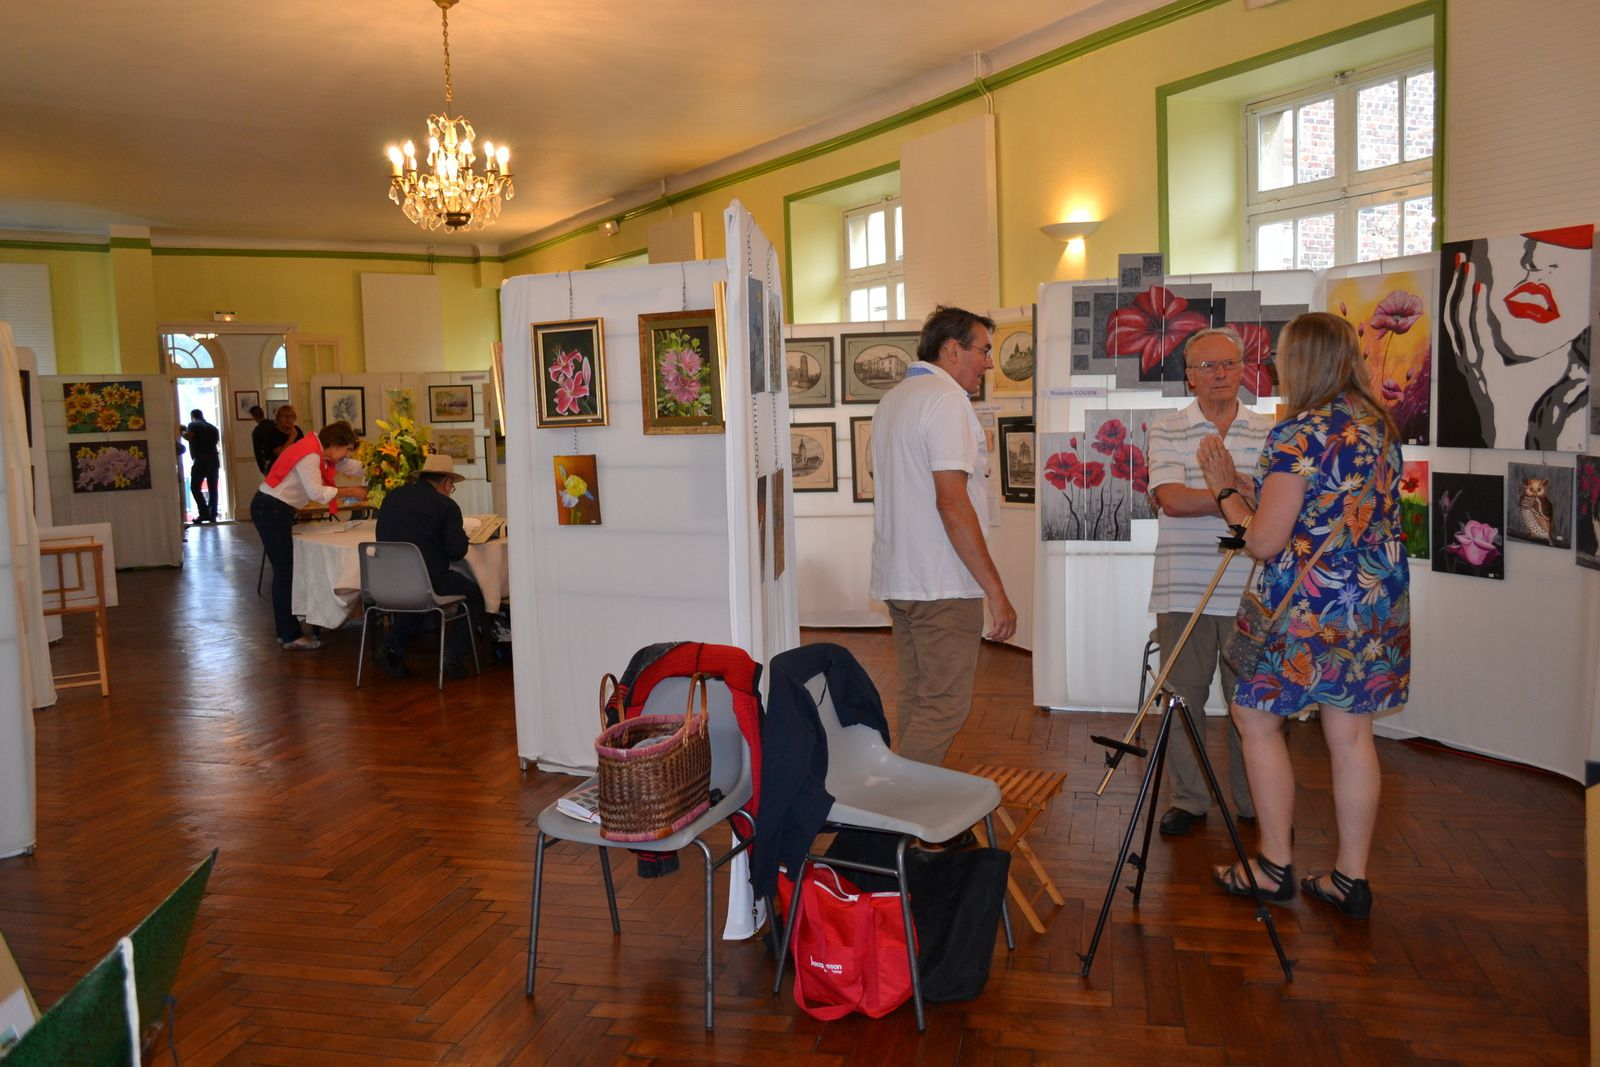 Expo de Mons en Laonnois